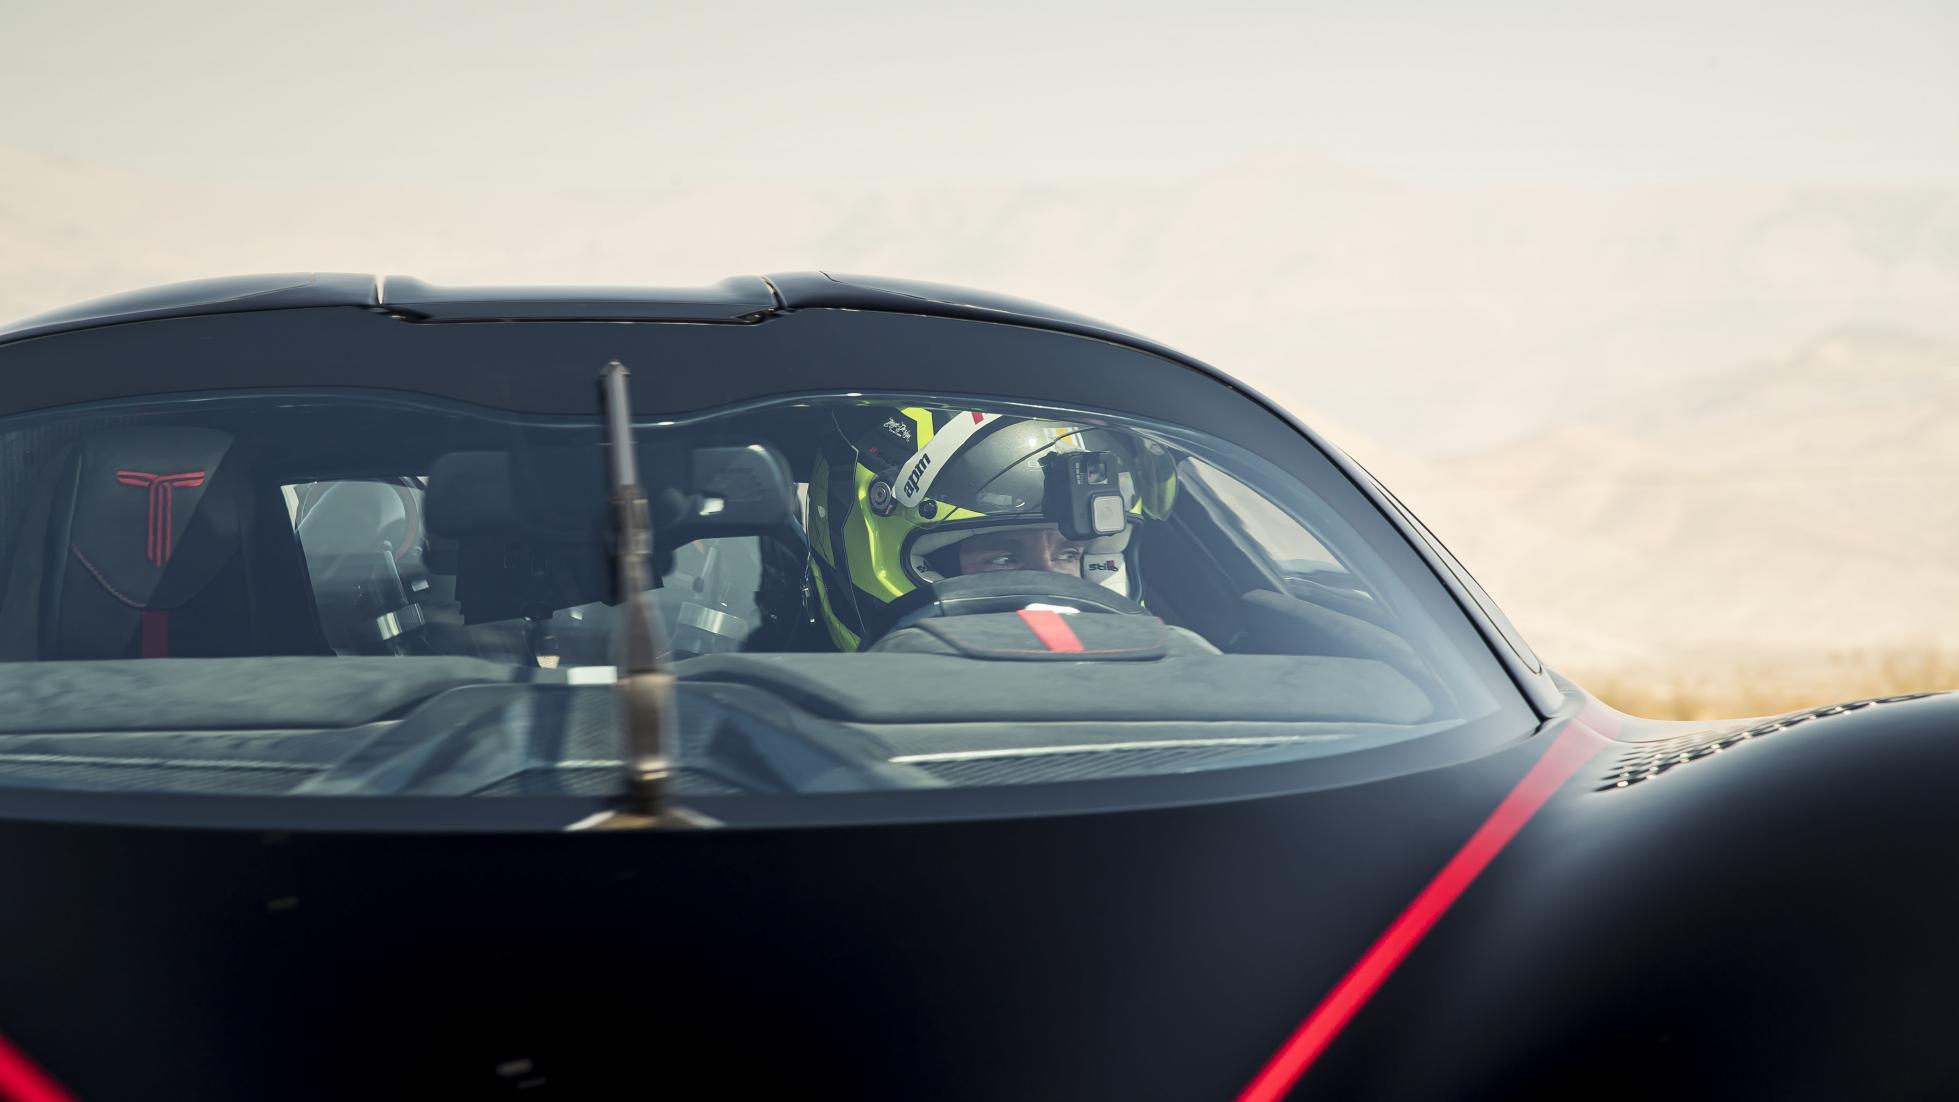 À 532 km/h, la SSC Tuatara est la voiture la plus rapide du monde - Galerie